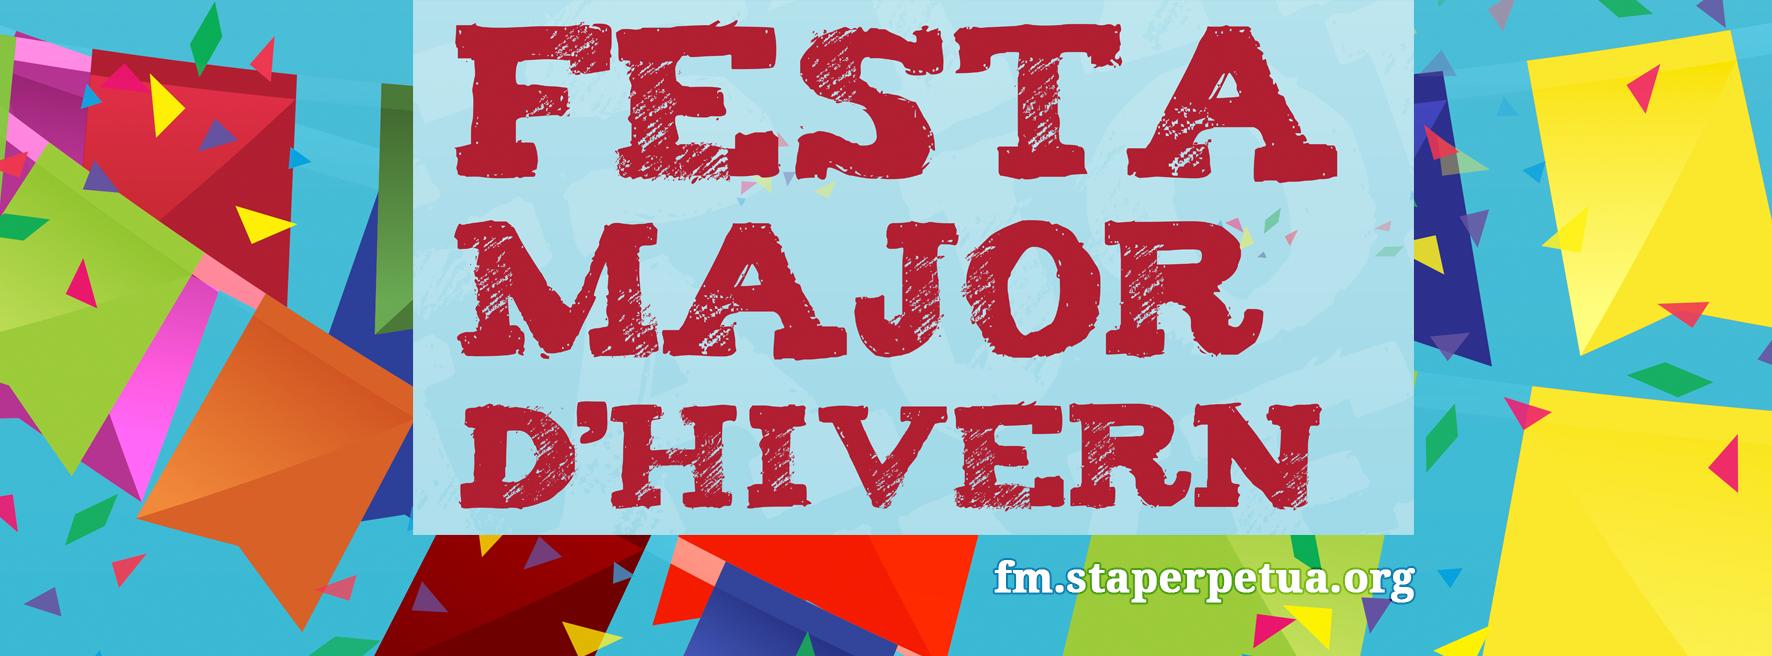 que fer aquest cap de setmana a Barcelona - Festa Major d'hivern Santa Perpetua